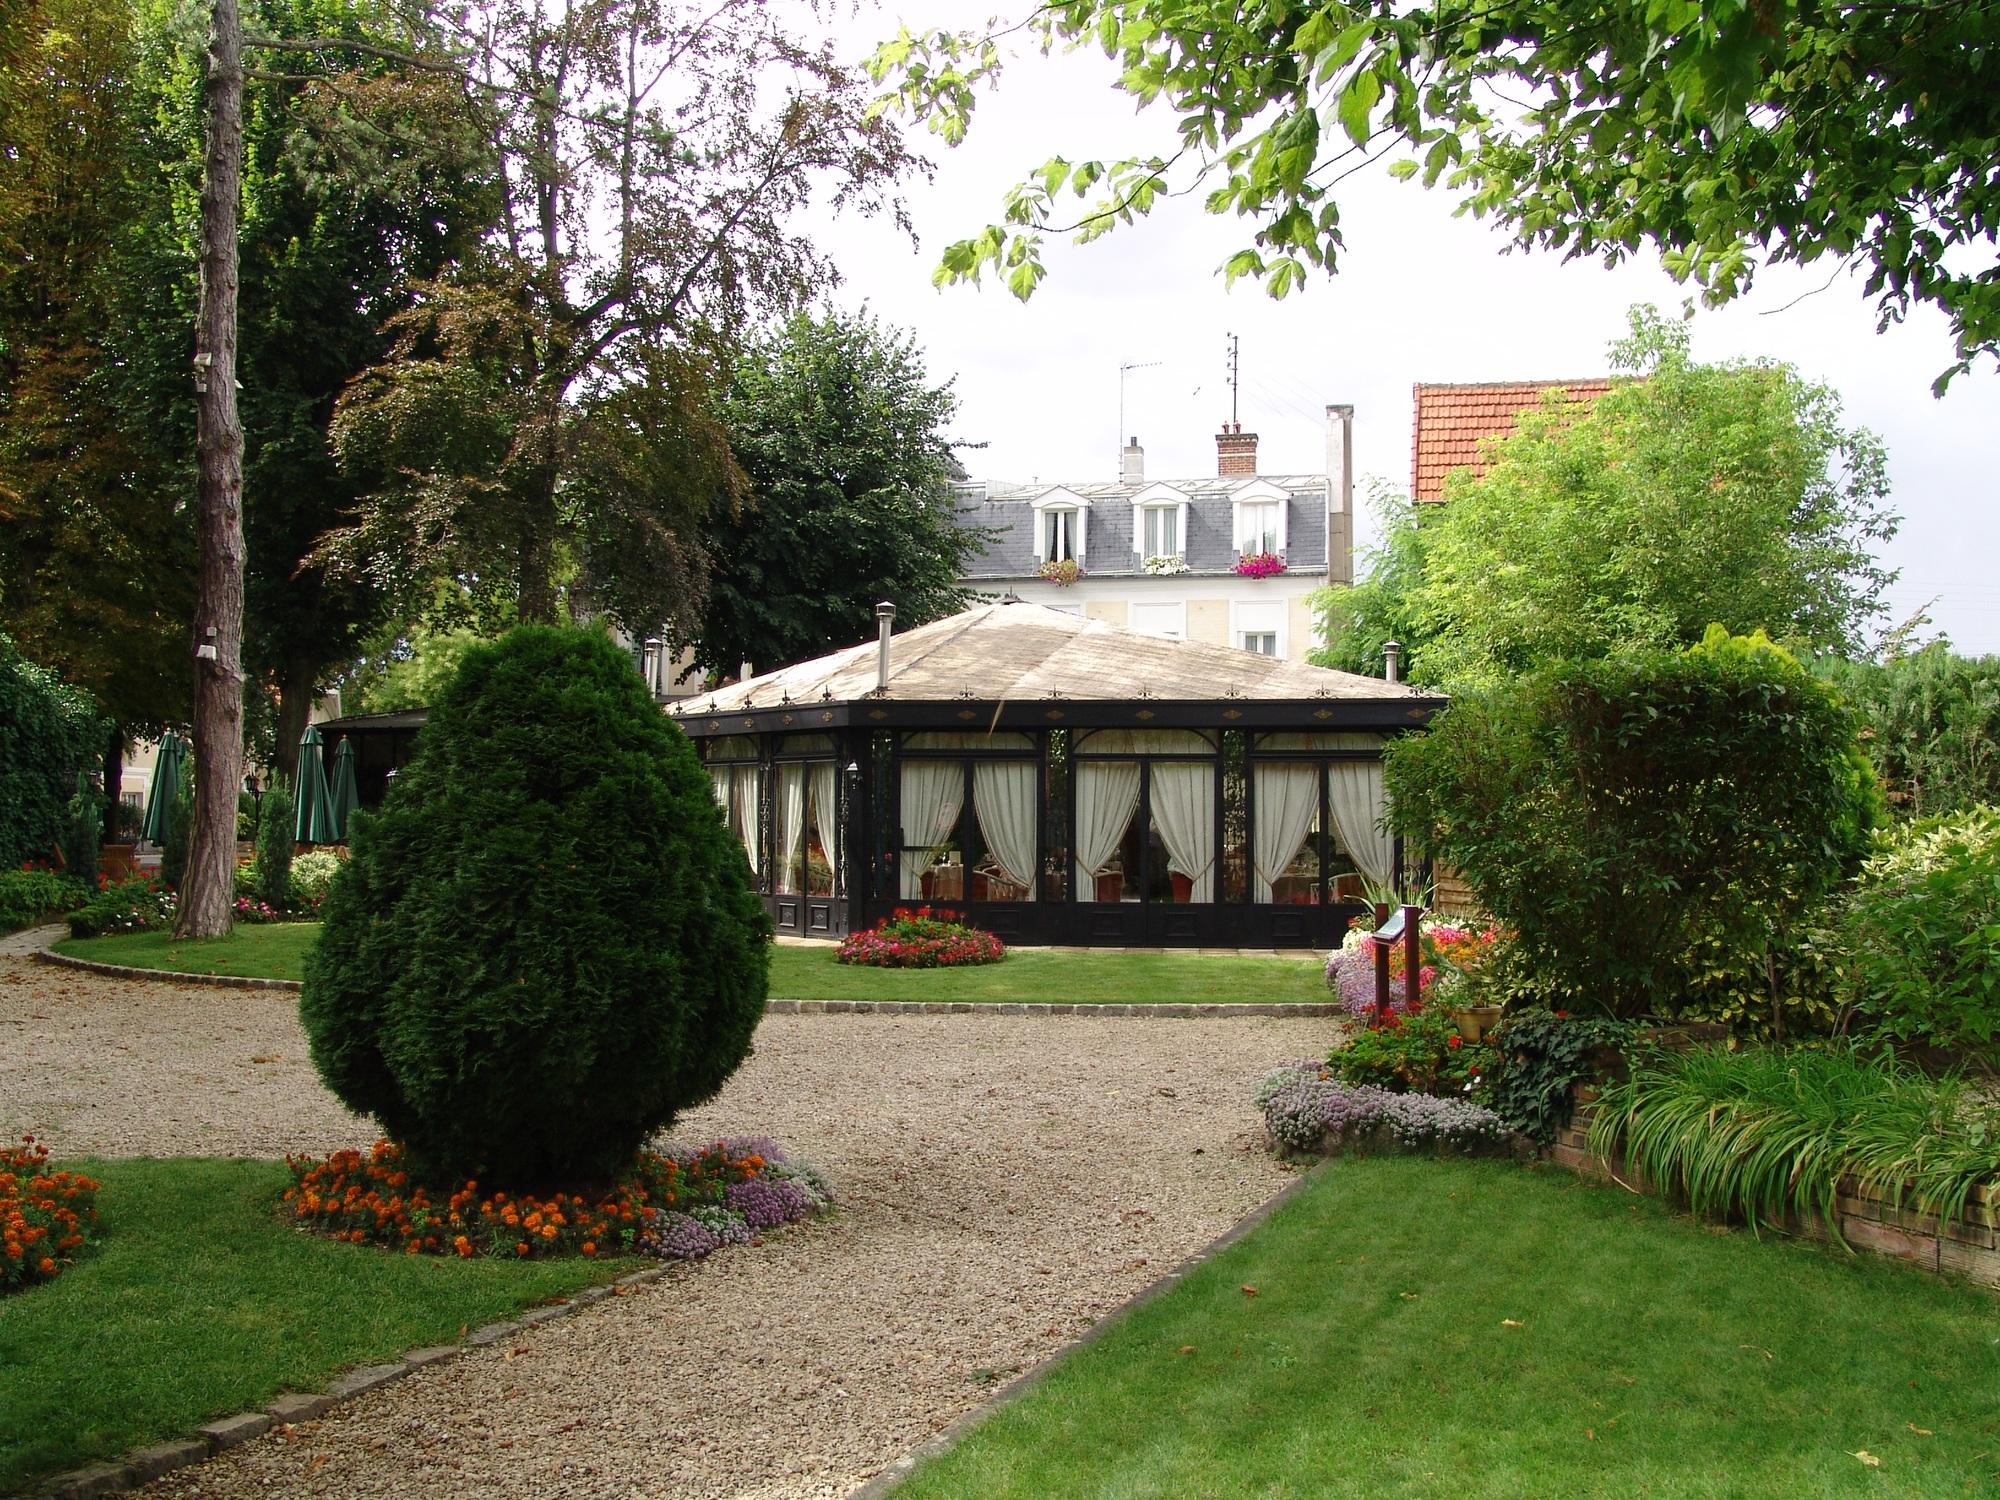 Chateau-des-iles-05